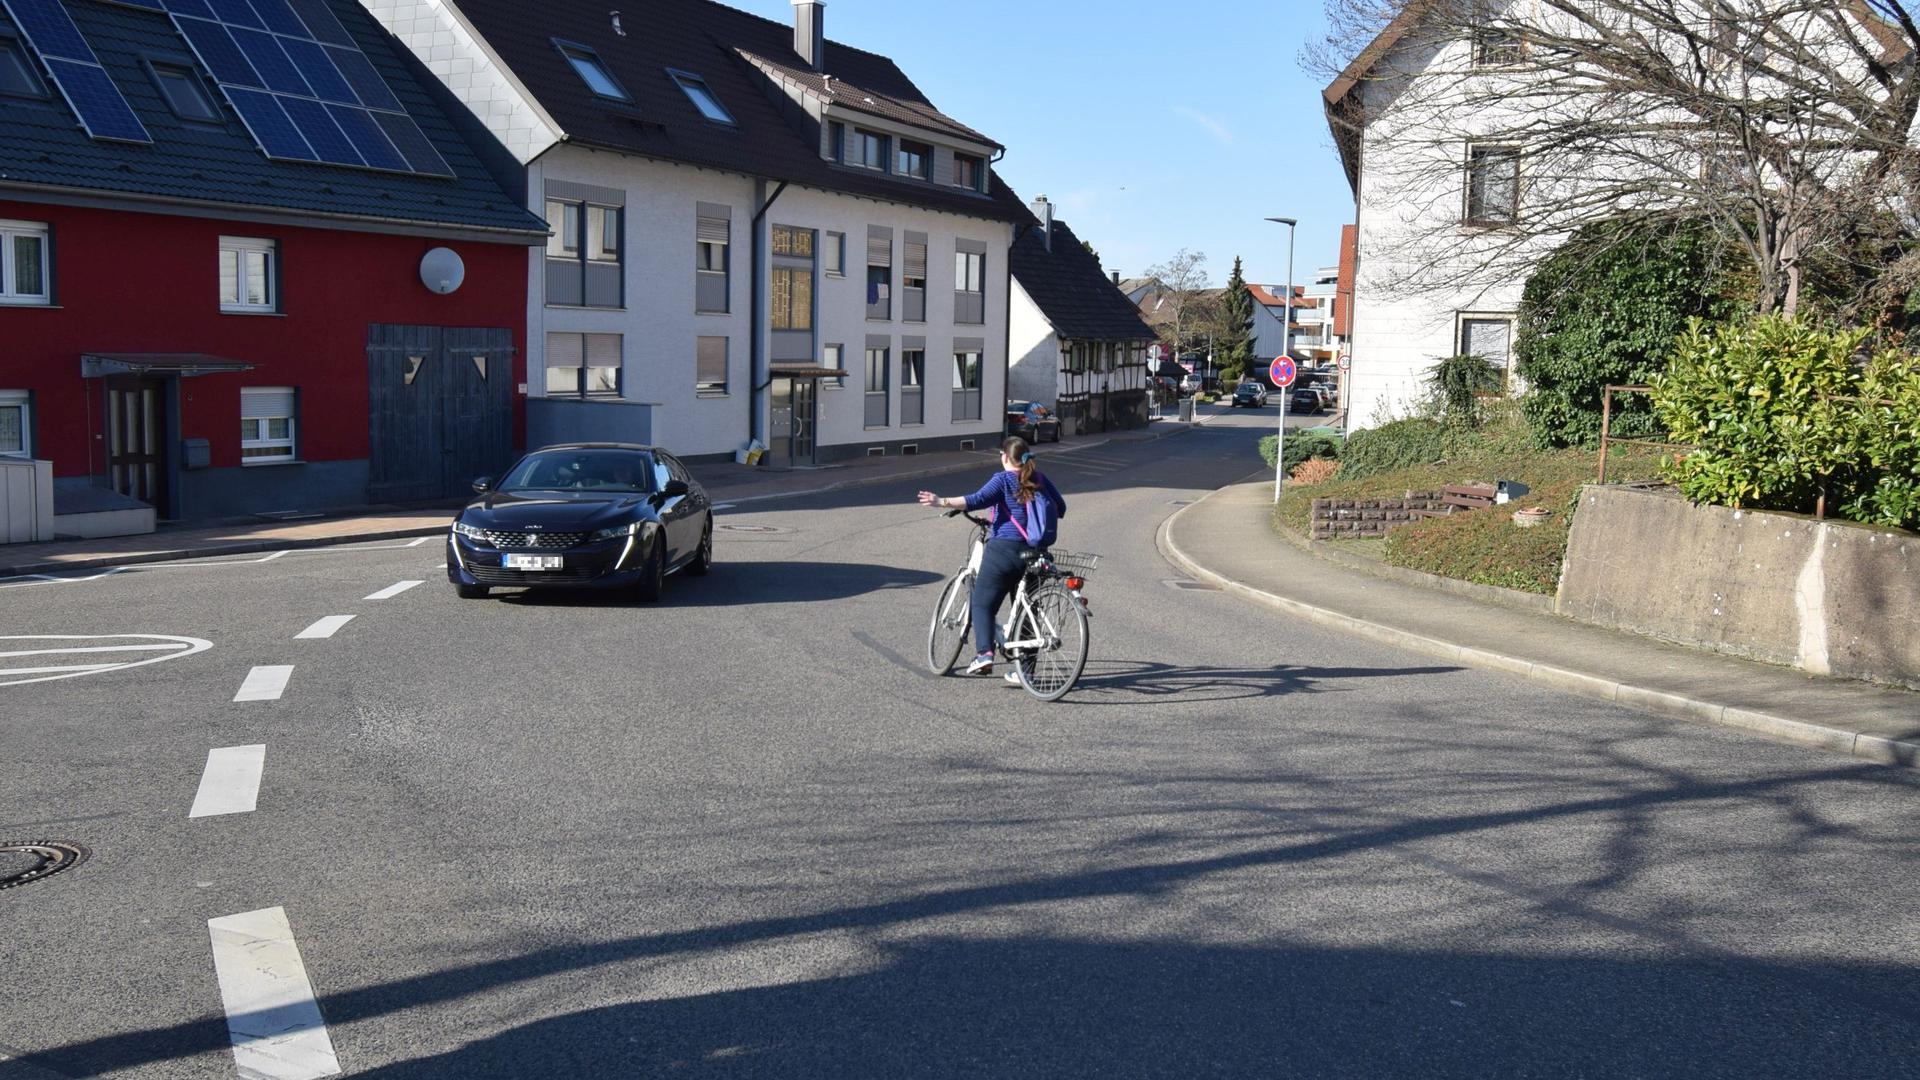 Eine Radfahrerin will von der Richard-Wagner-Straße in Malsch nach links in die Neudorfstraße einbiegen. Sie wartet in der Mitte der Fahrbahn, bis ein Auto im Gegenverkehr vorbeigefahren ist.